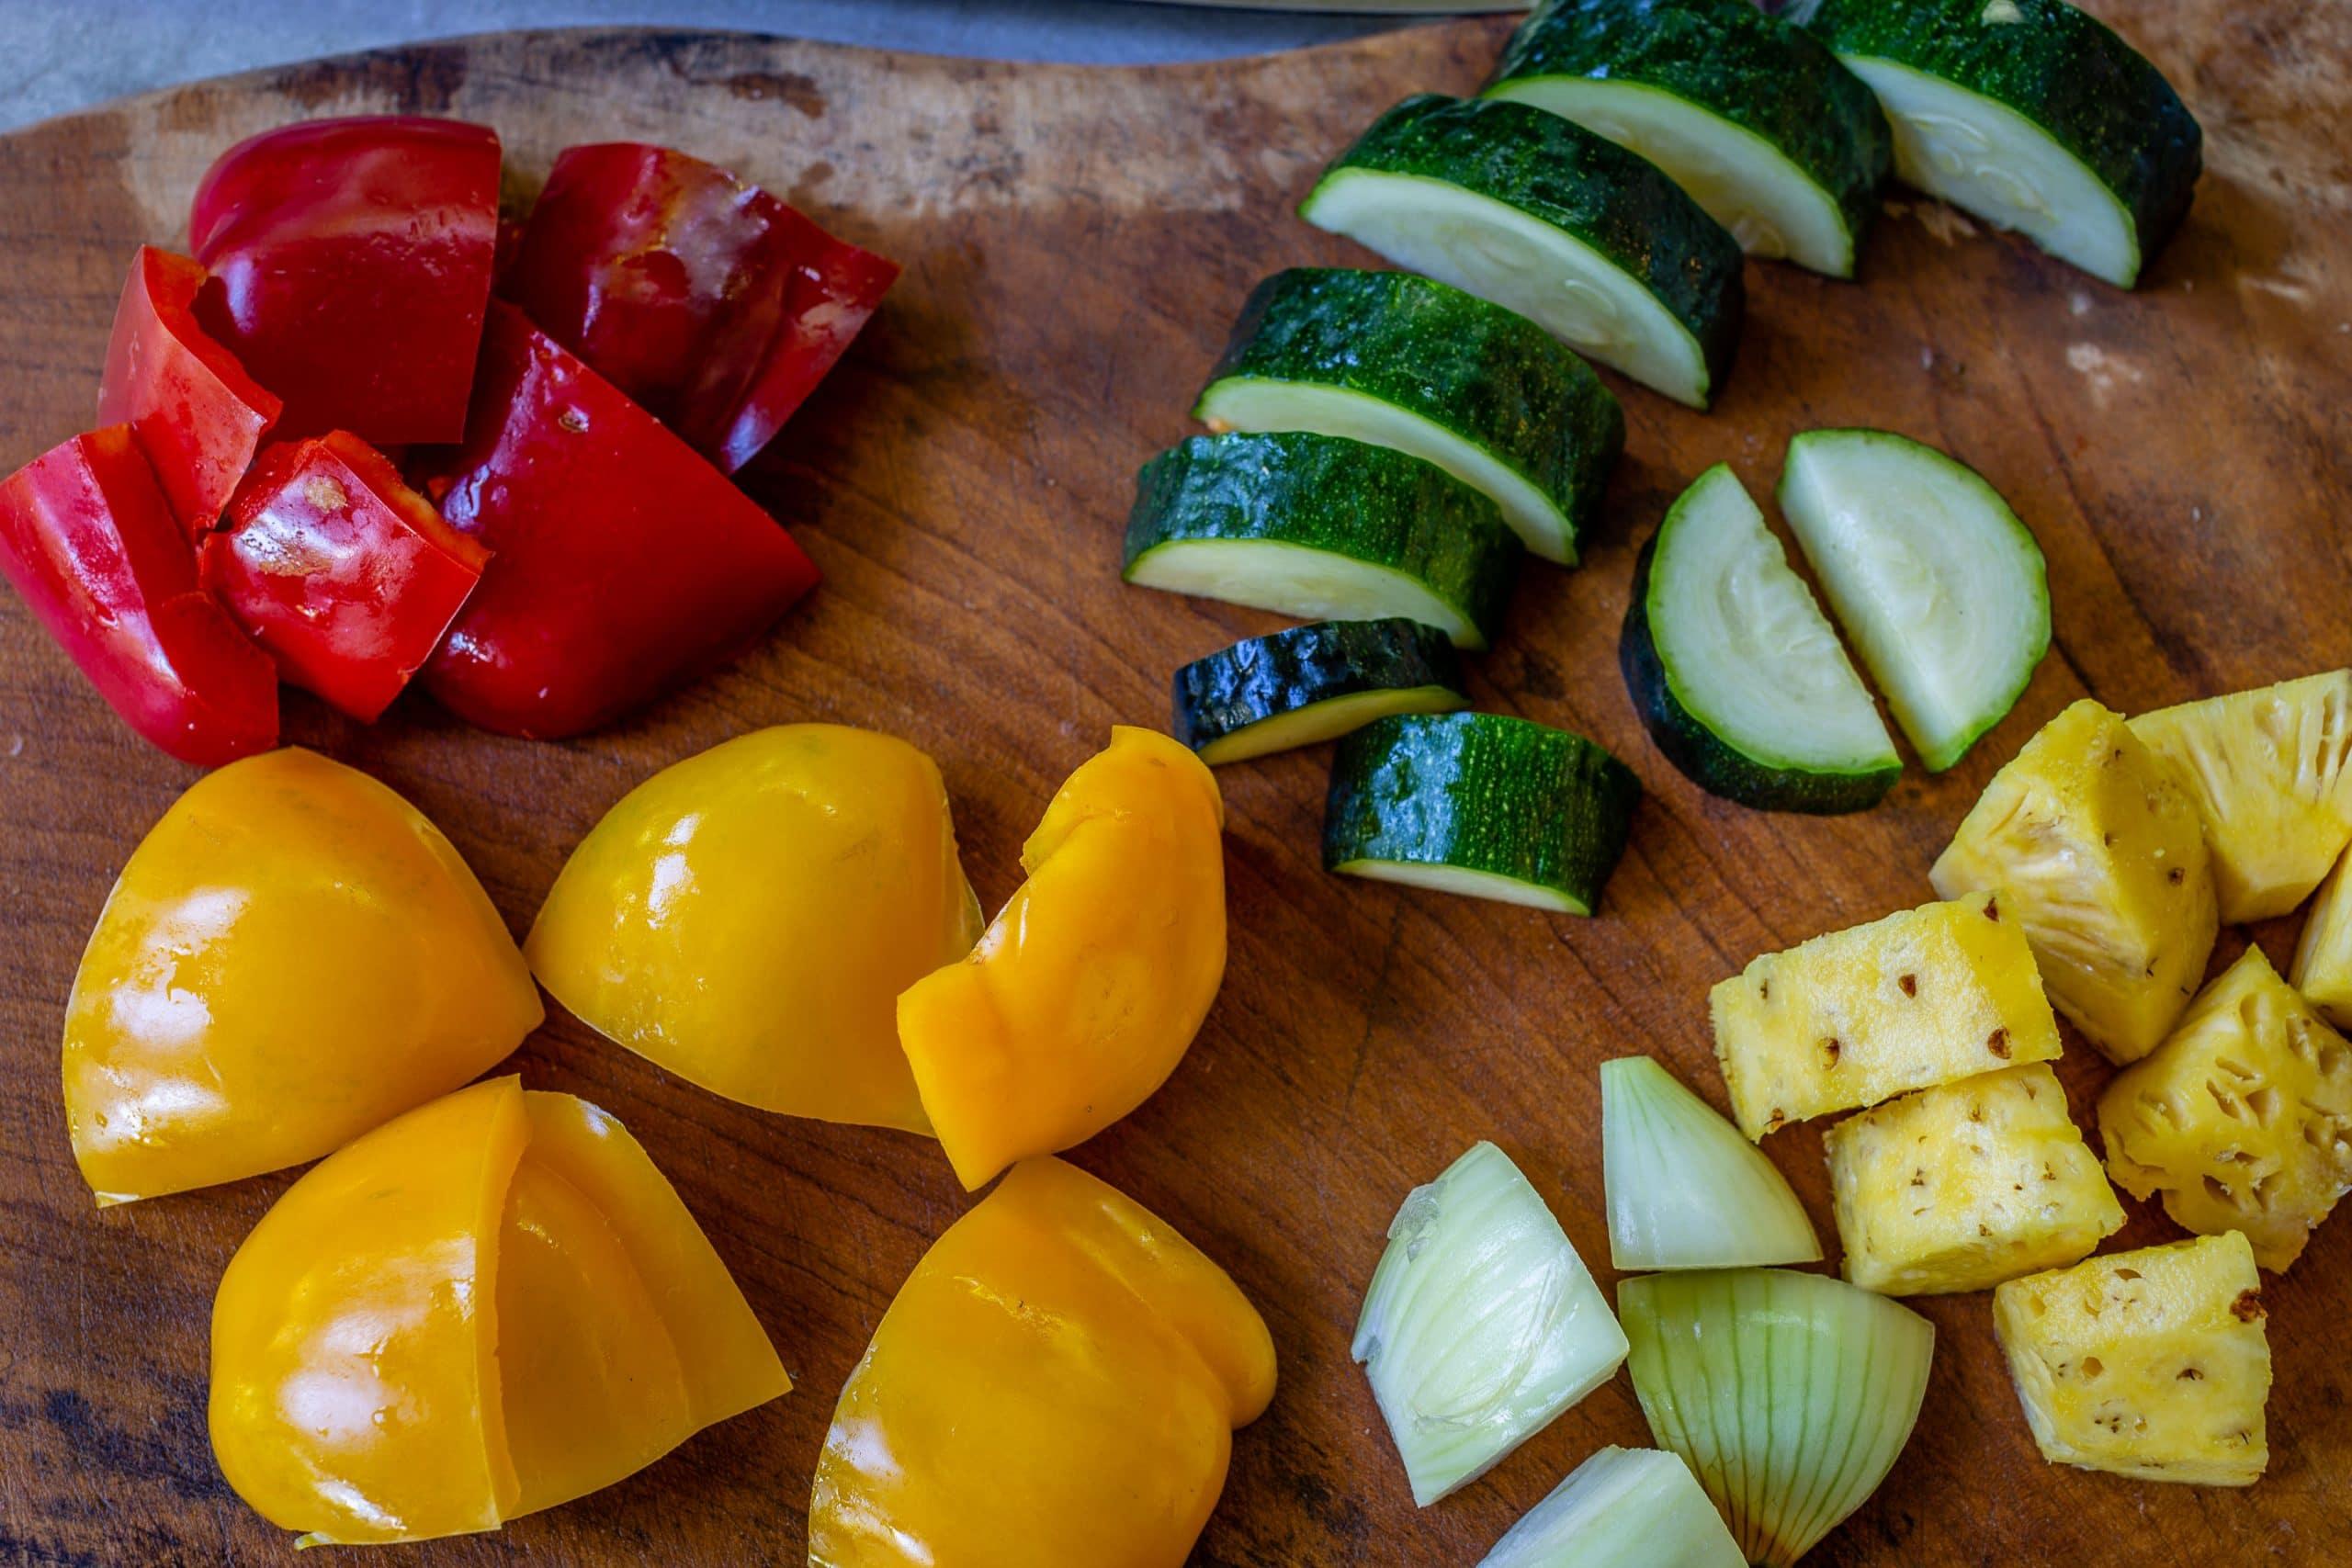 Grilled Vegetables on Skewers Ingredients